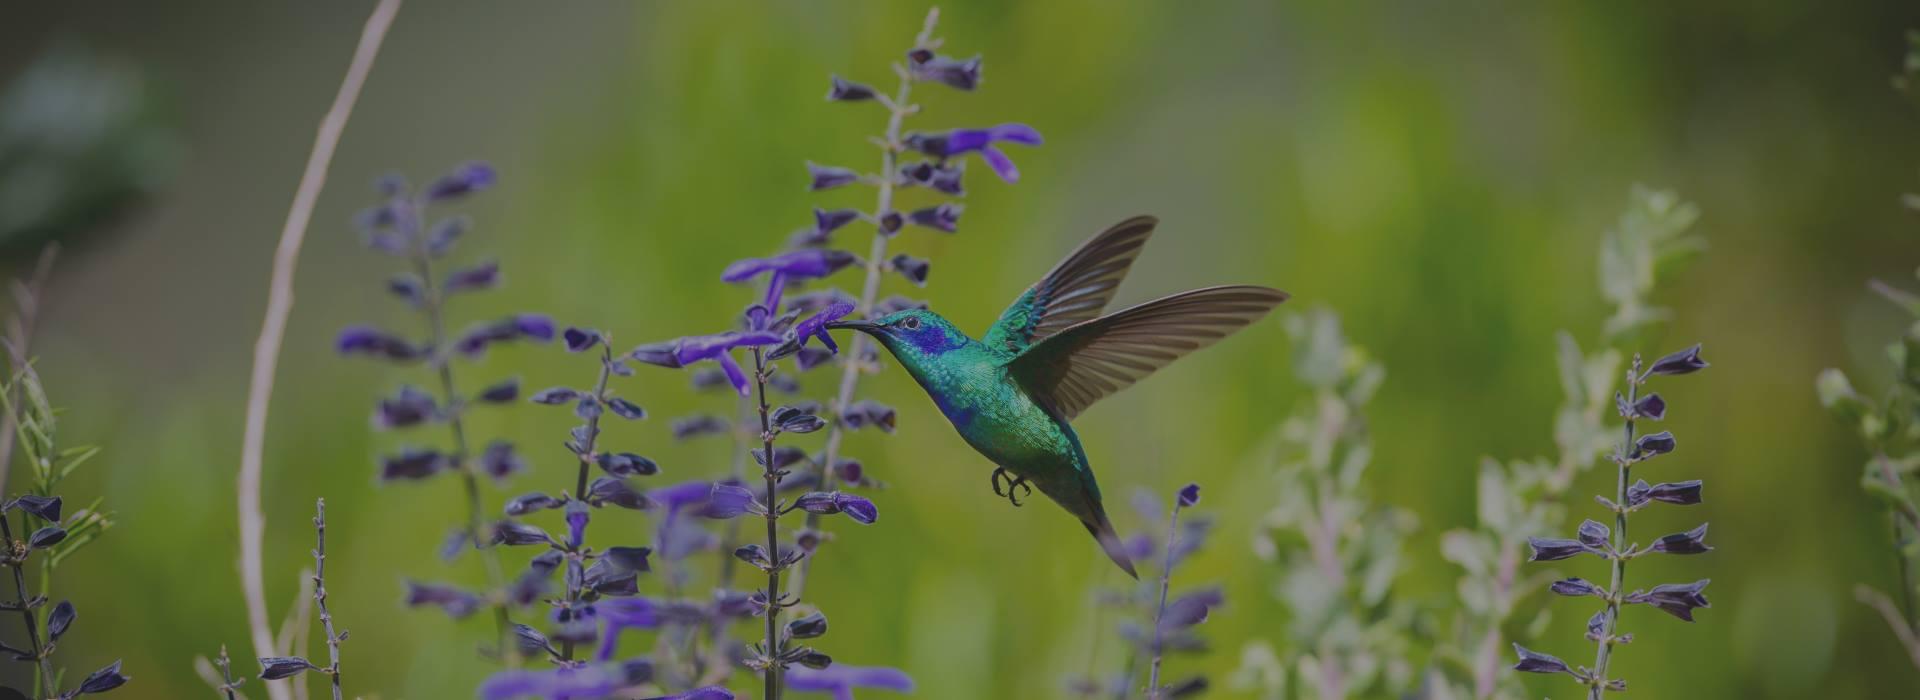 animal-spirit-d-bird